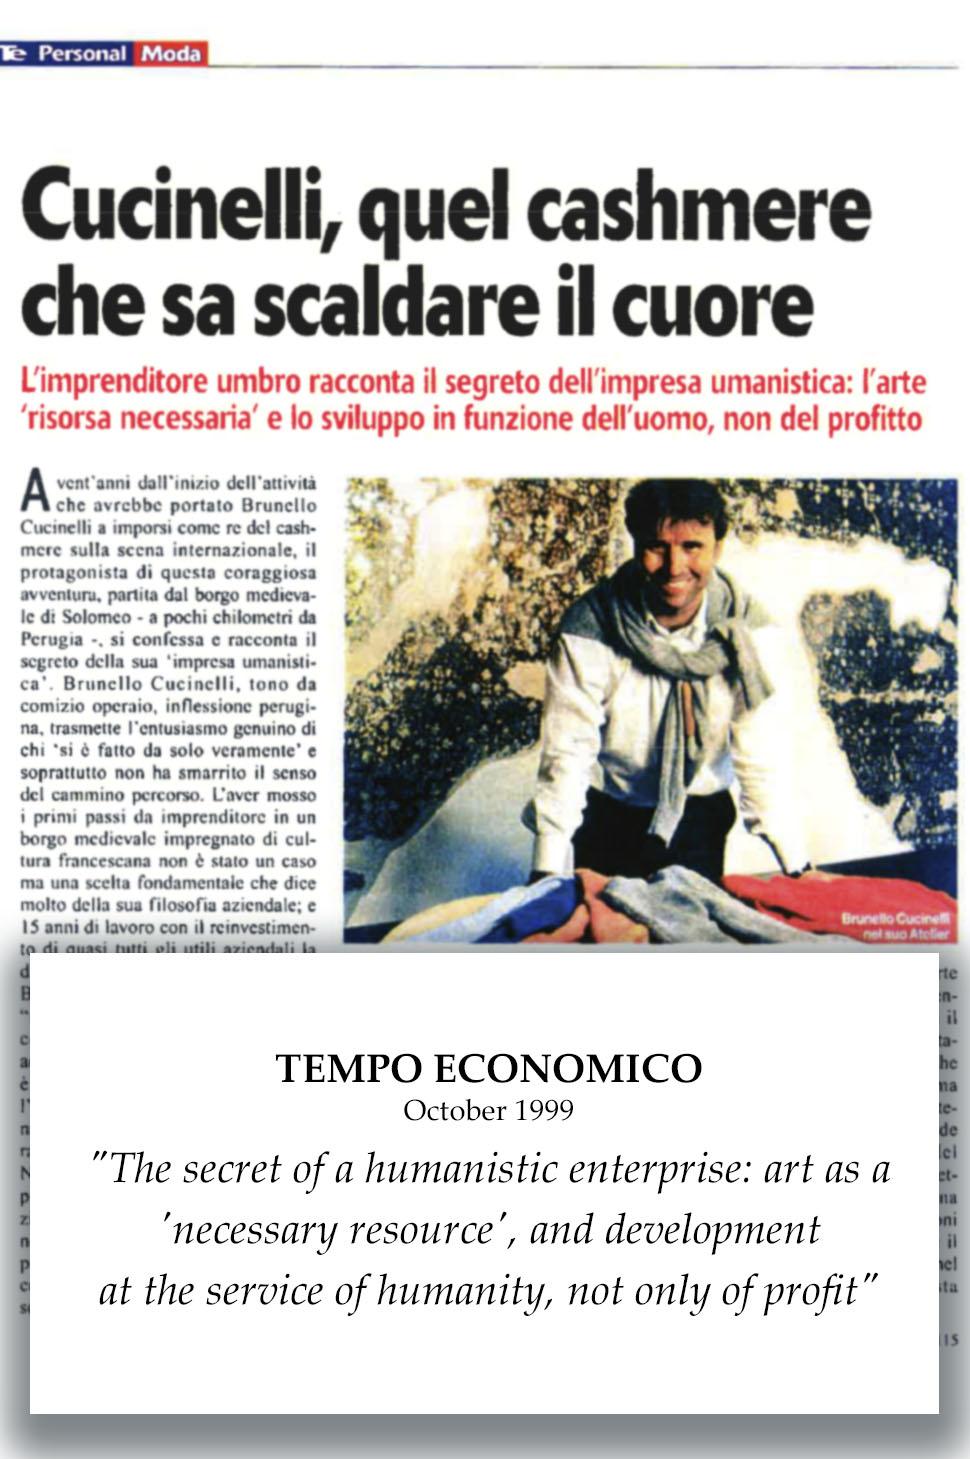 1999 - Tempo Economico